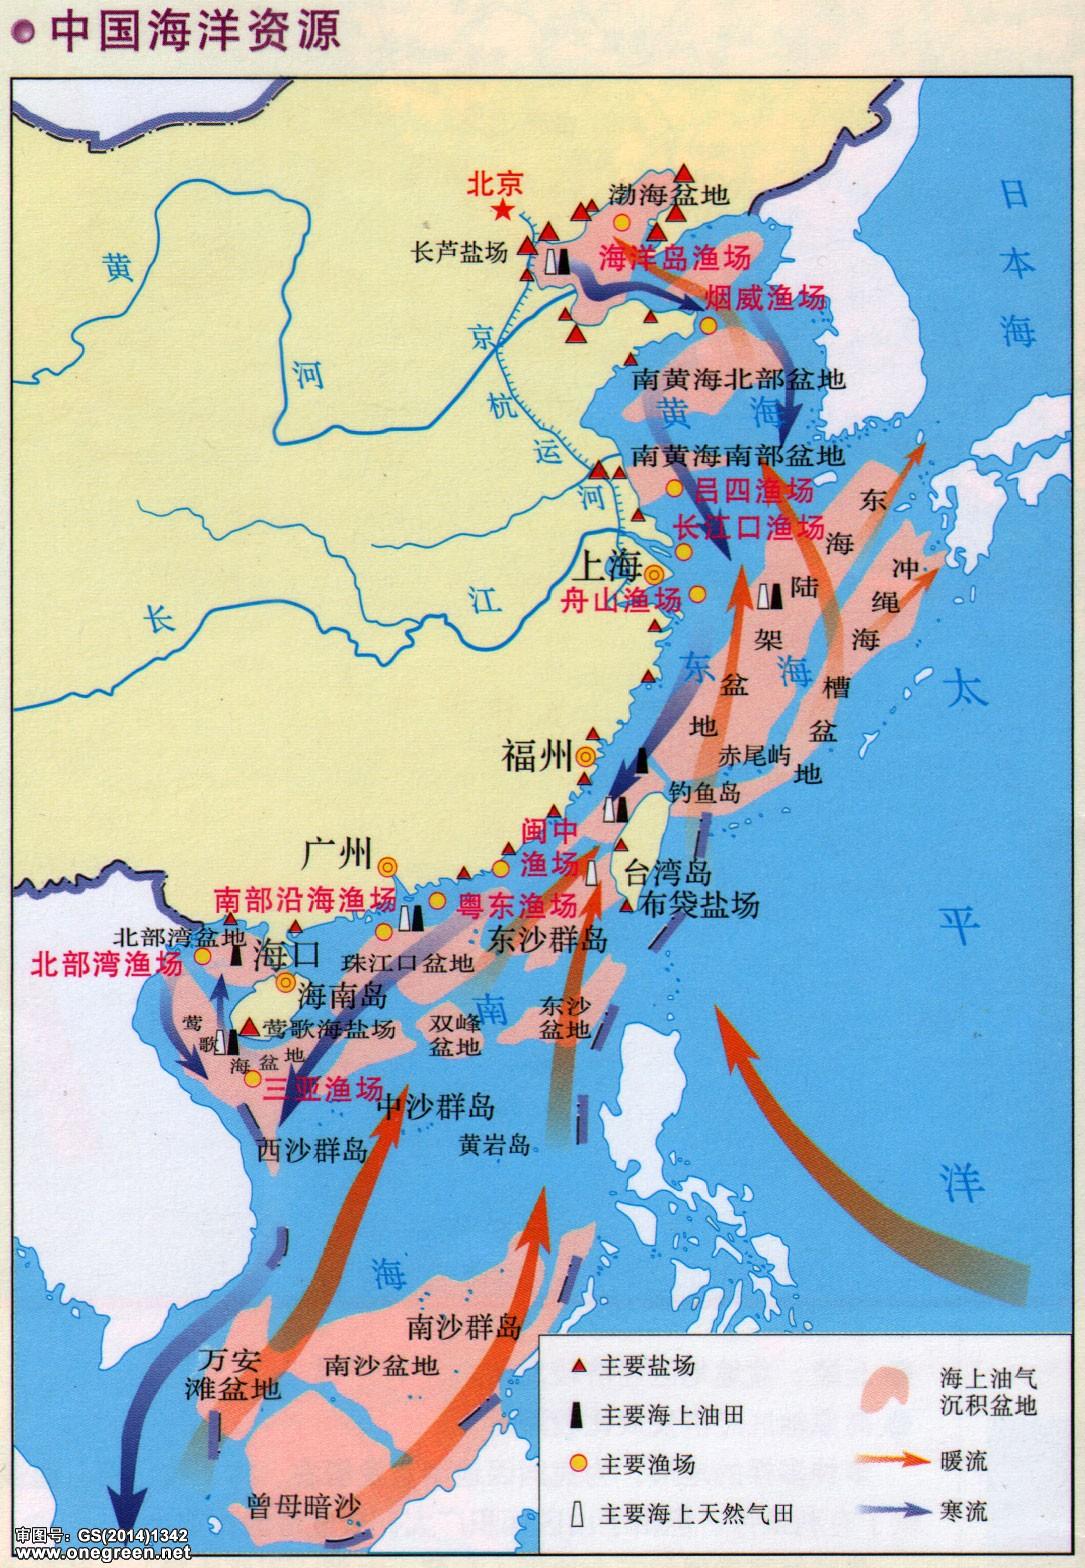 中国旅游景点图_中国海洋资源分布图_中国地理地图库_地图窝